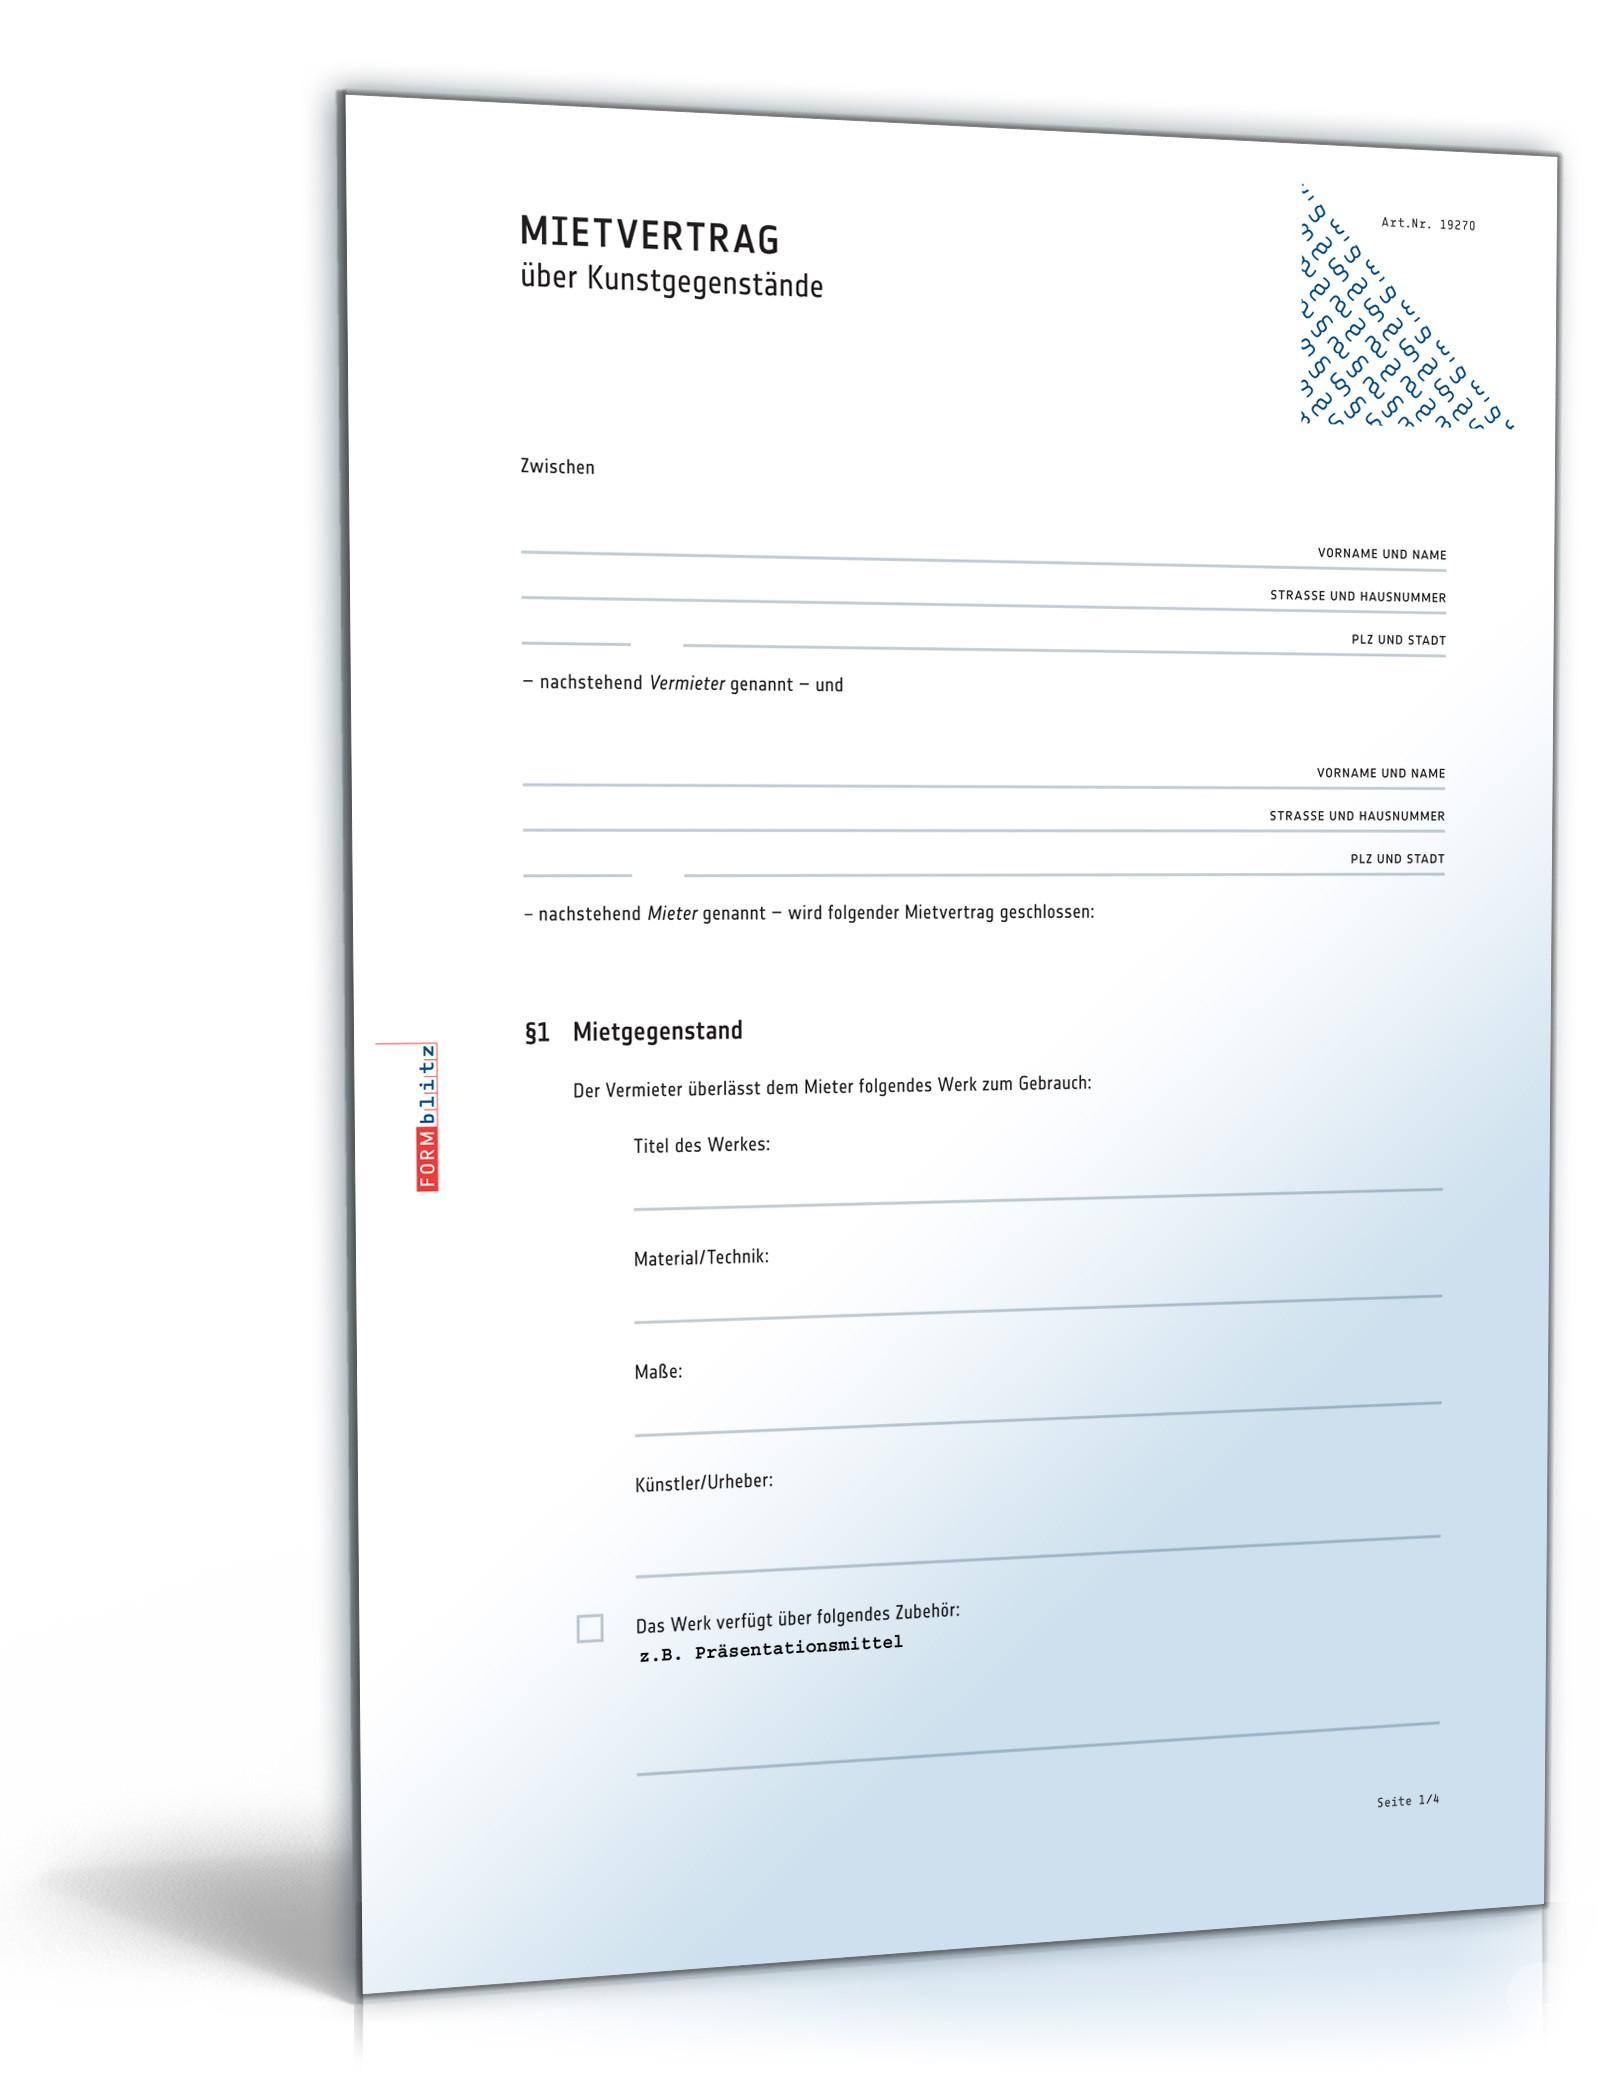 kunstmietvertrag muster mietvertrag kunstgegenstand pdf doc zum download. Black Bedroom Furniture Sets. Home Design Ideas